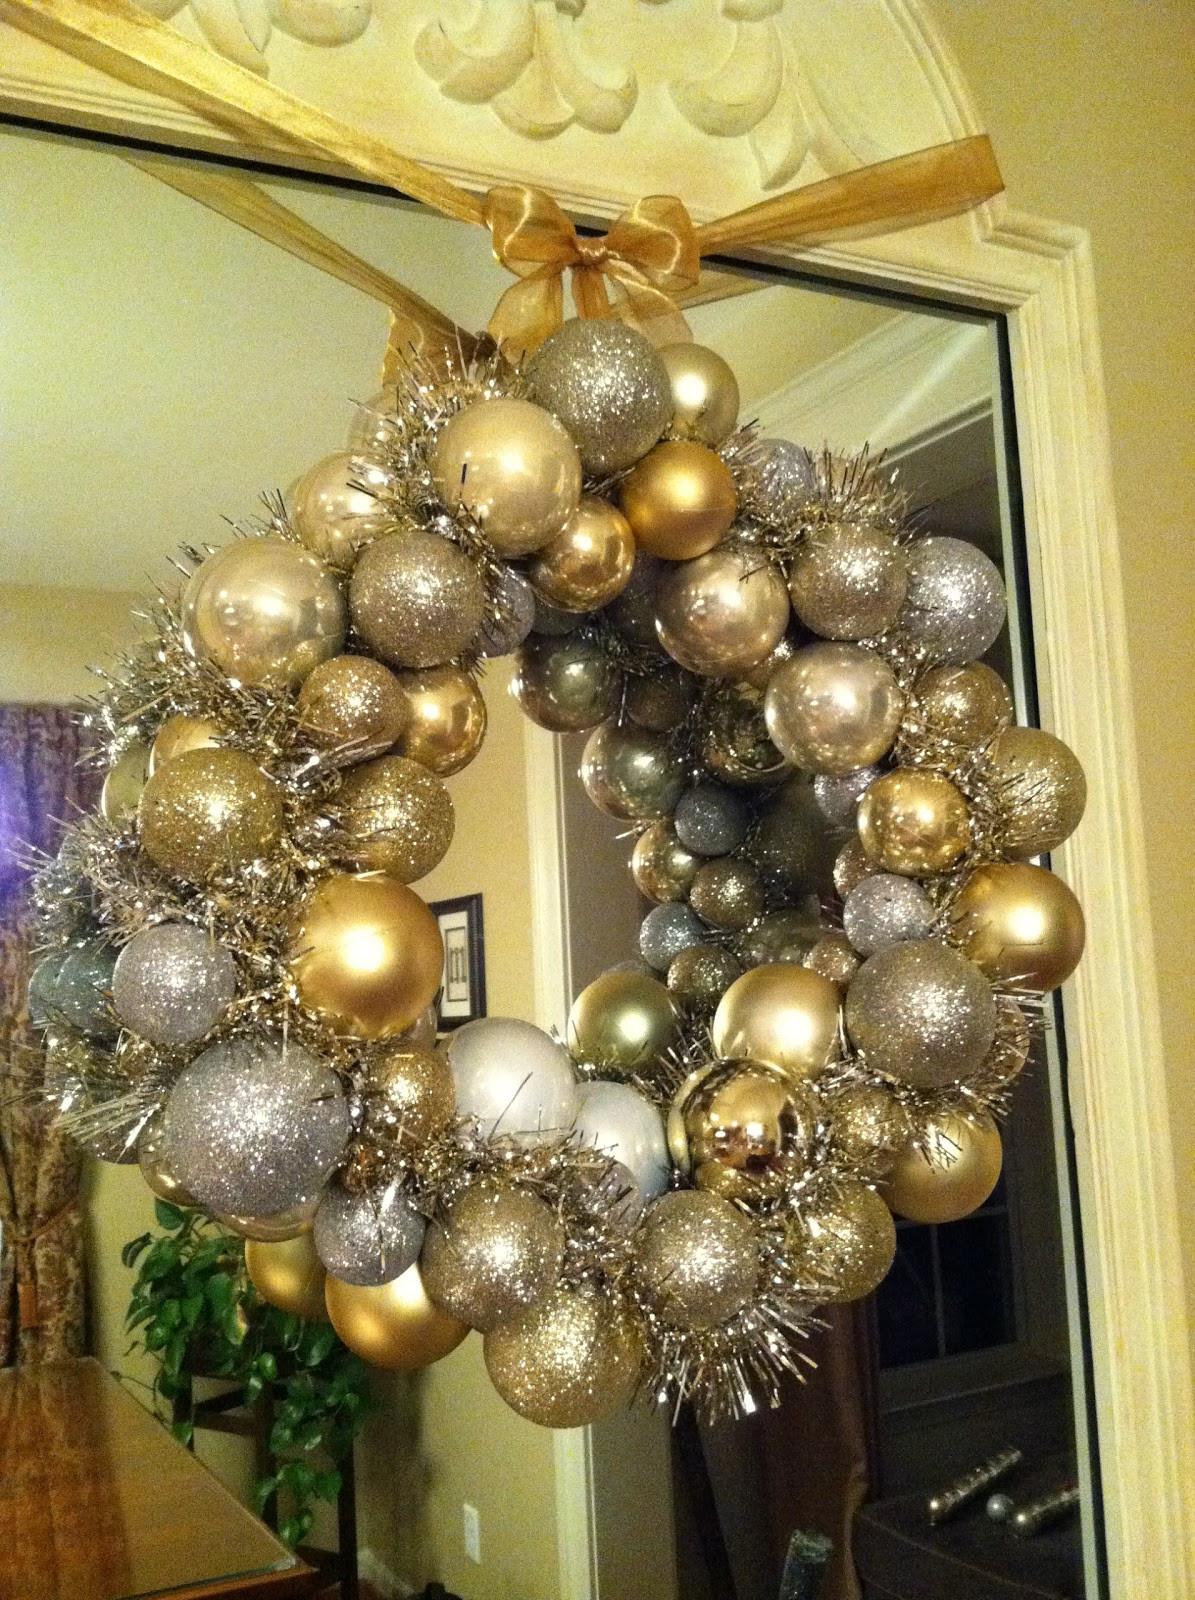 Christmas Ball Wreath DIY  The Penny Parlor Dollar Store Christmas Ball Wreath